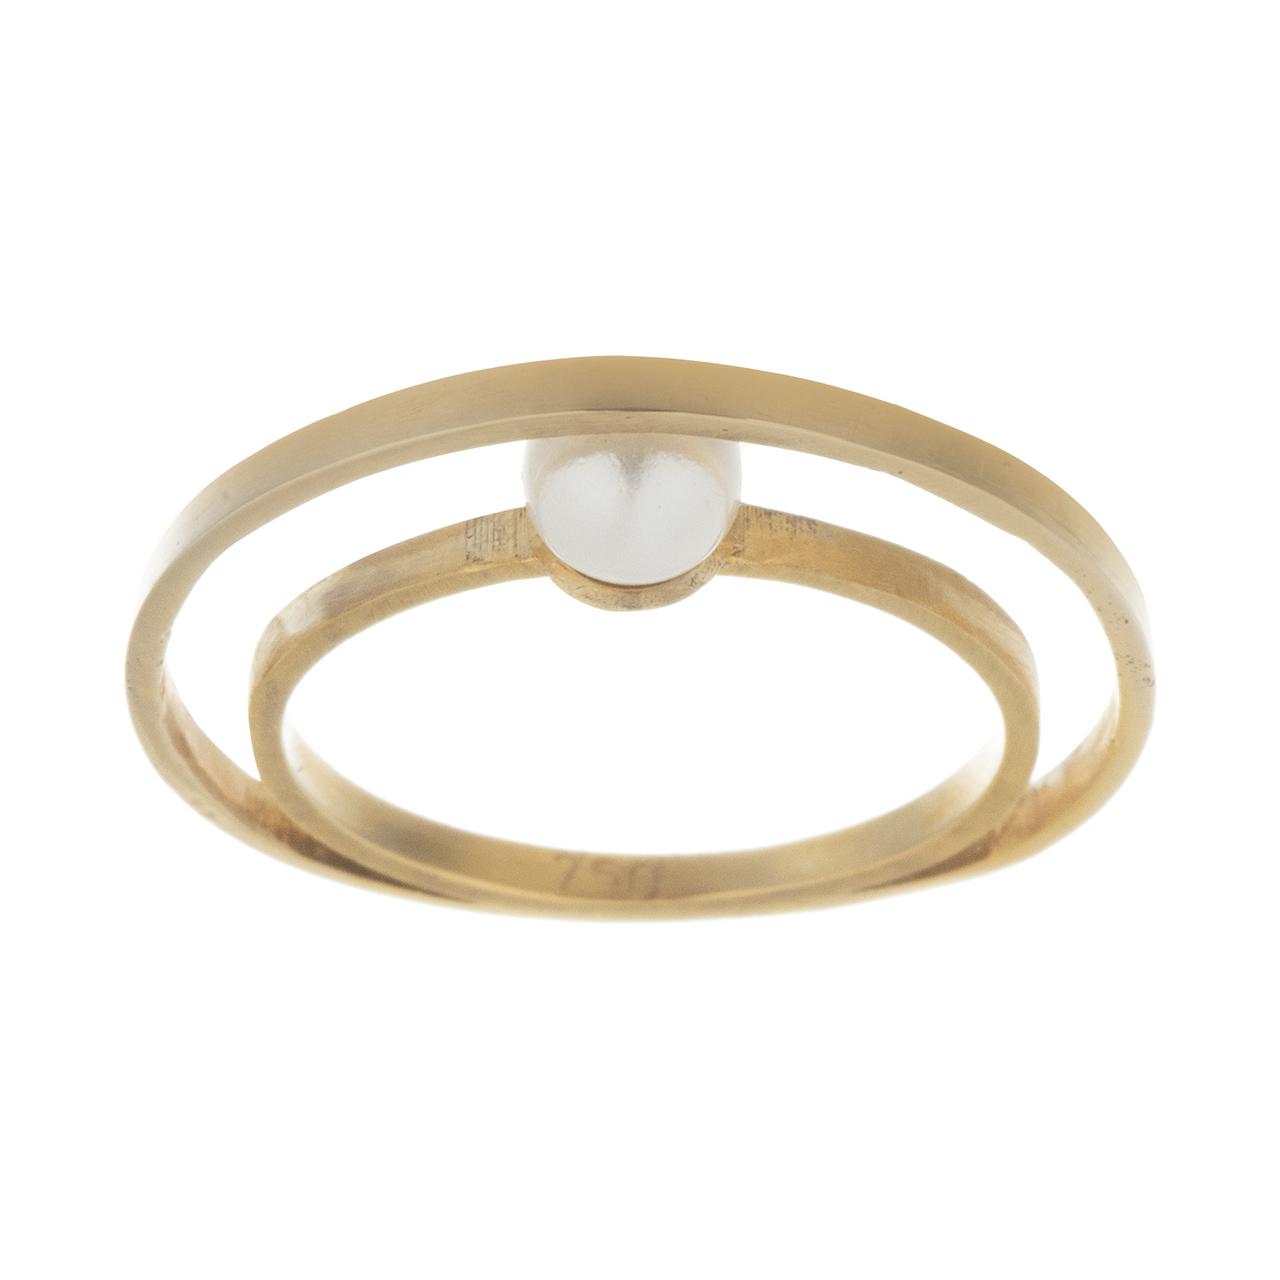 قیمت انگشتر طلا 18 عیار مایا ماهک کد MR0286